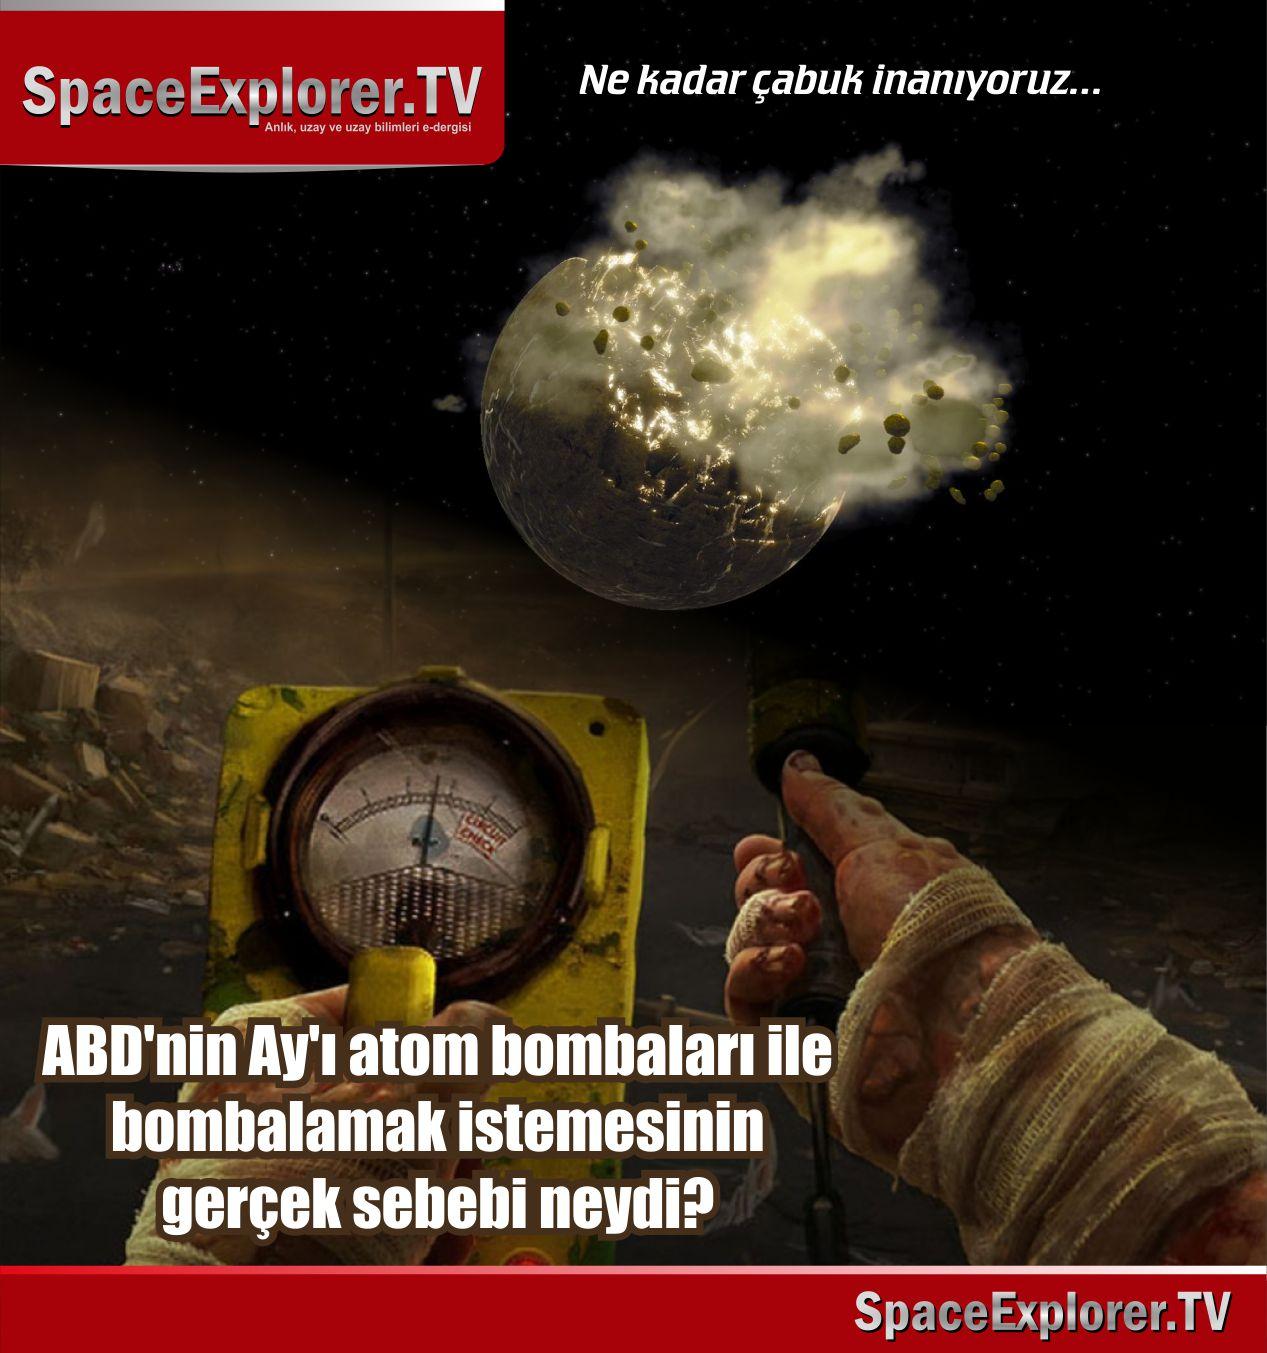 Ay, Nükleer silahlar, Sovyet uzay araştırmaları, Soğuk savaş dönemi, ABD, Gizli uzaylı üsleri, Ay'daki antik şehir, Ay'daki kadın mumyası, Mehmet Fahri Sertkaya, NASA, Rusya,